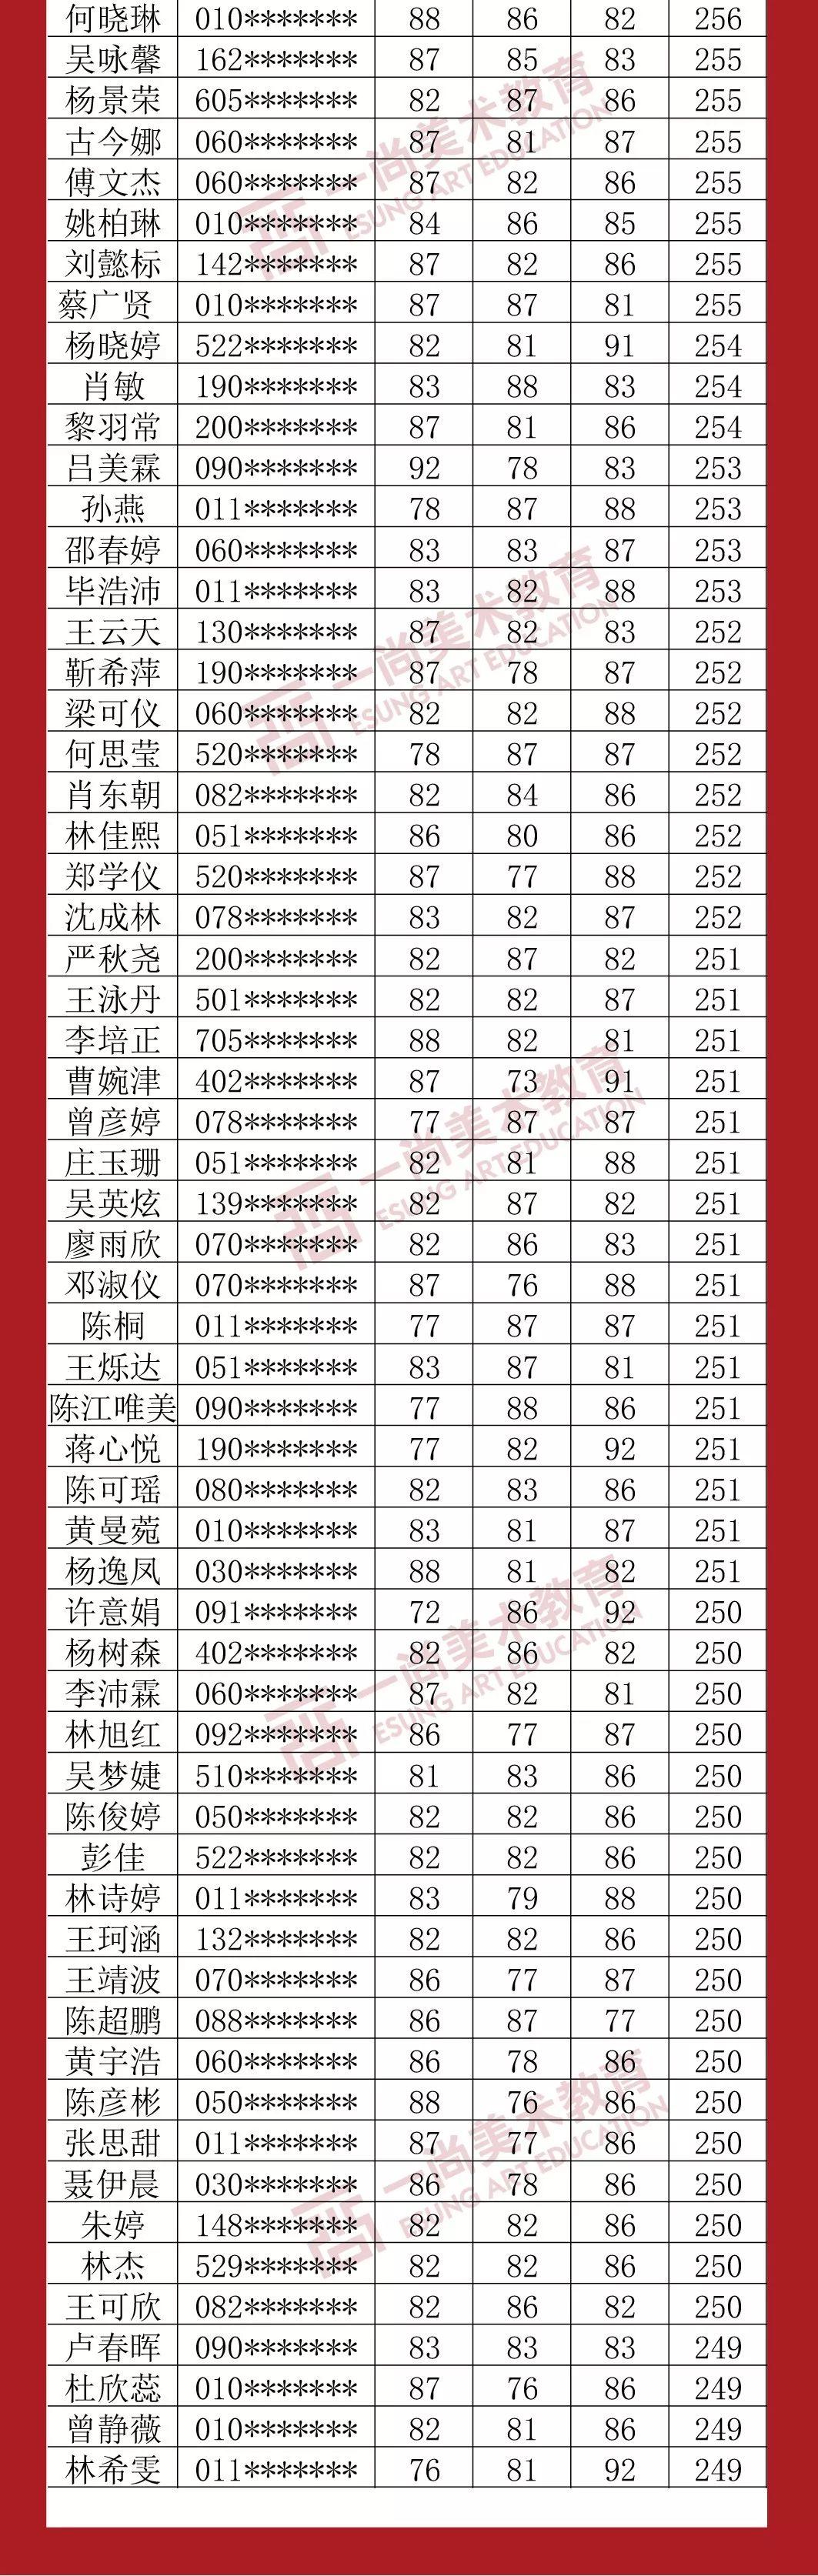 广州度岸画室,广东美术联考,广州美术培训         29